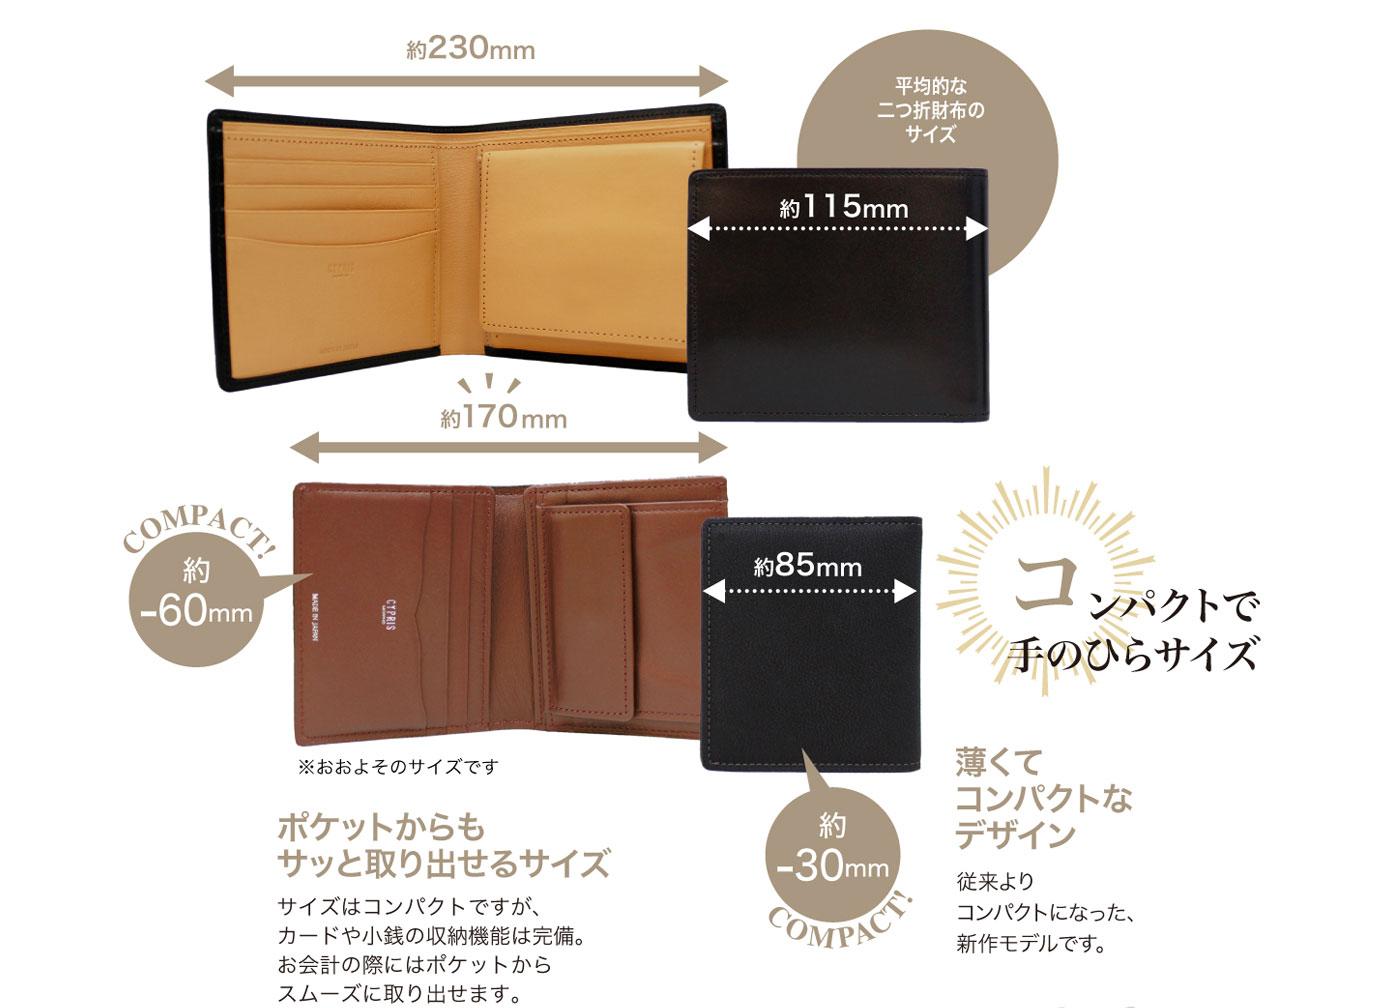 キプリスの革財布 スパークリングカーフ コンパクト札入れ コンパクトで手のひらサイズ。ポケットからサッと取り出せます。カードや小銭の収納機能は完備。